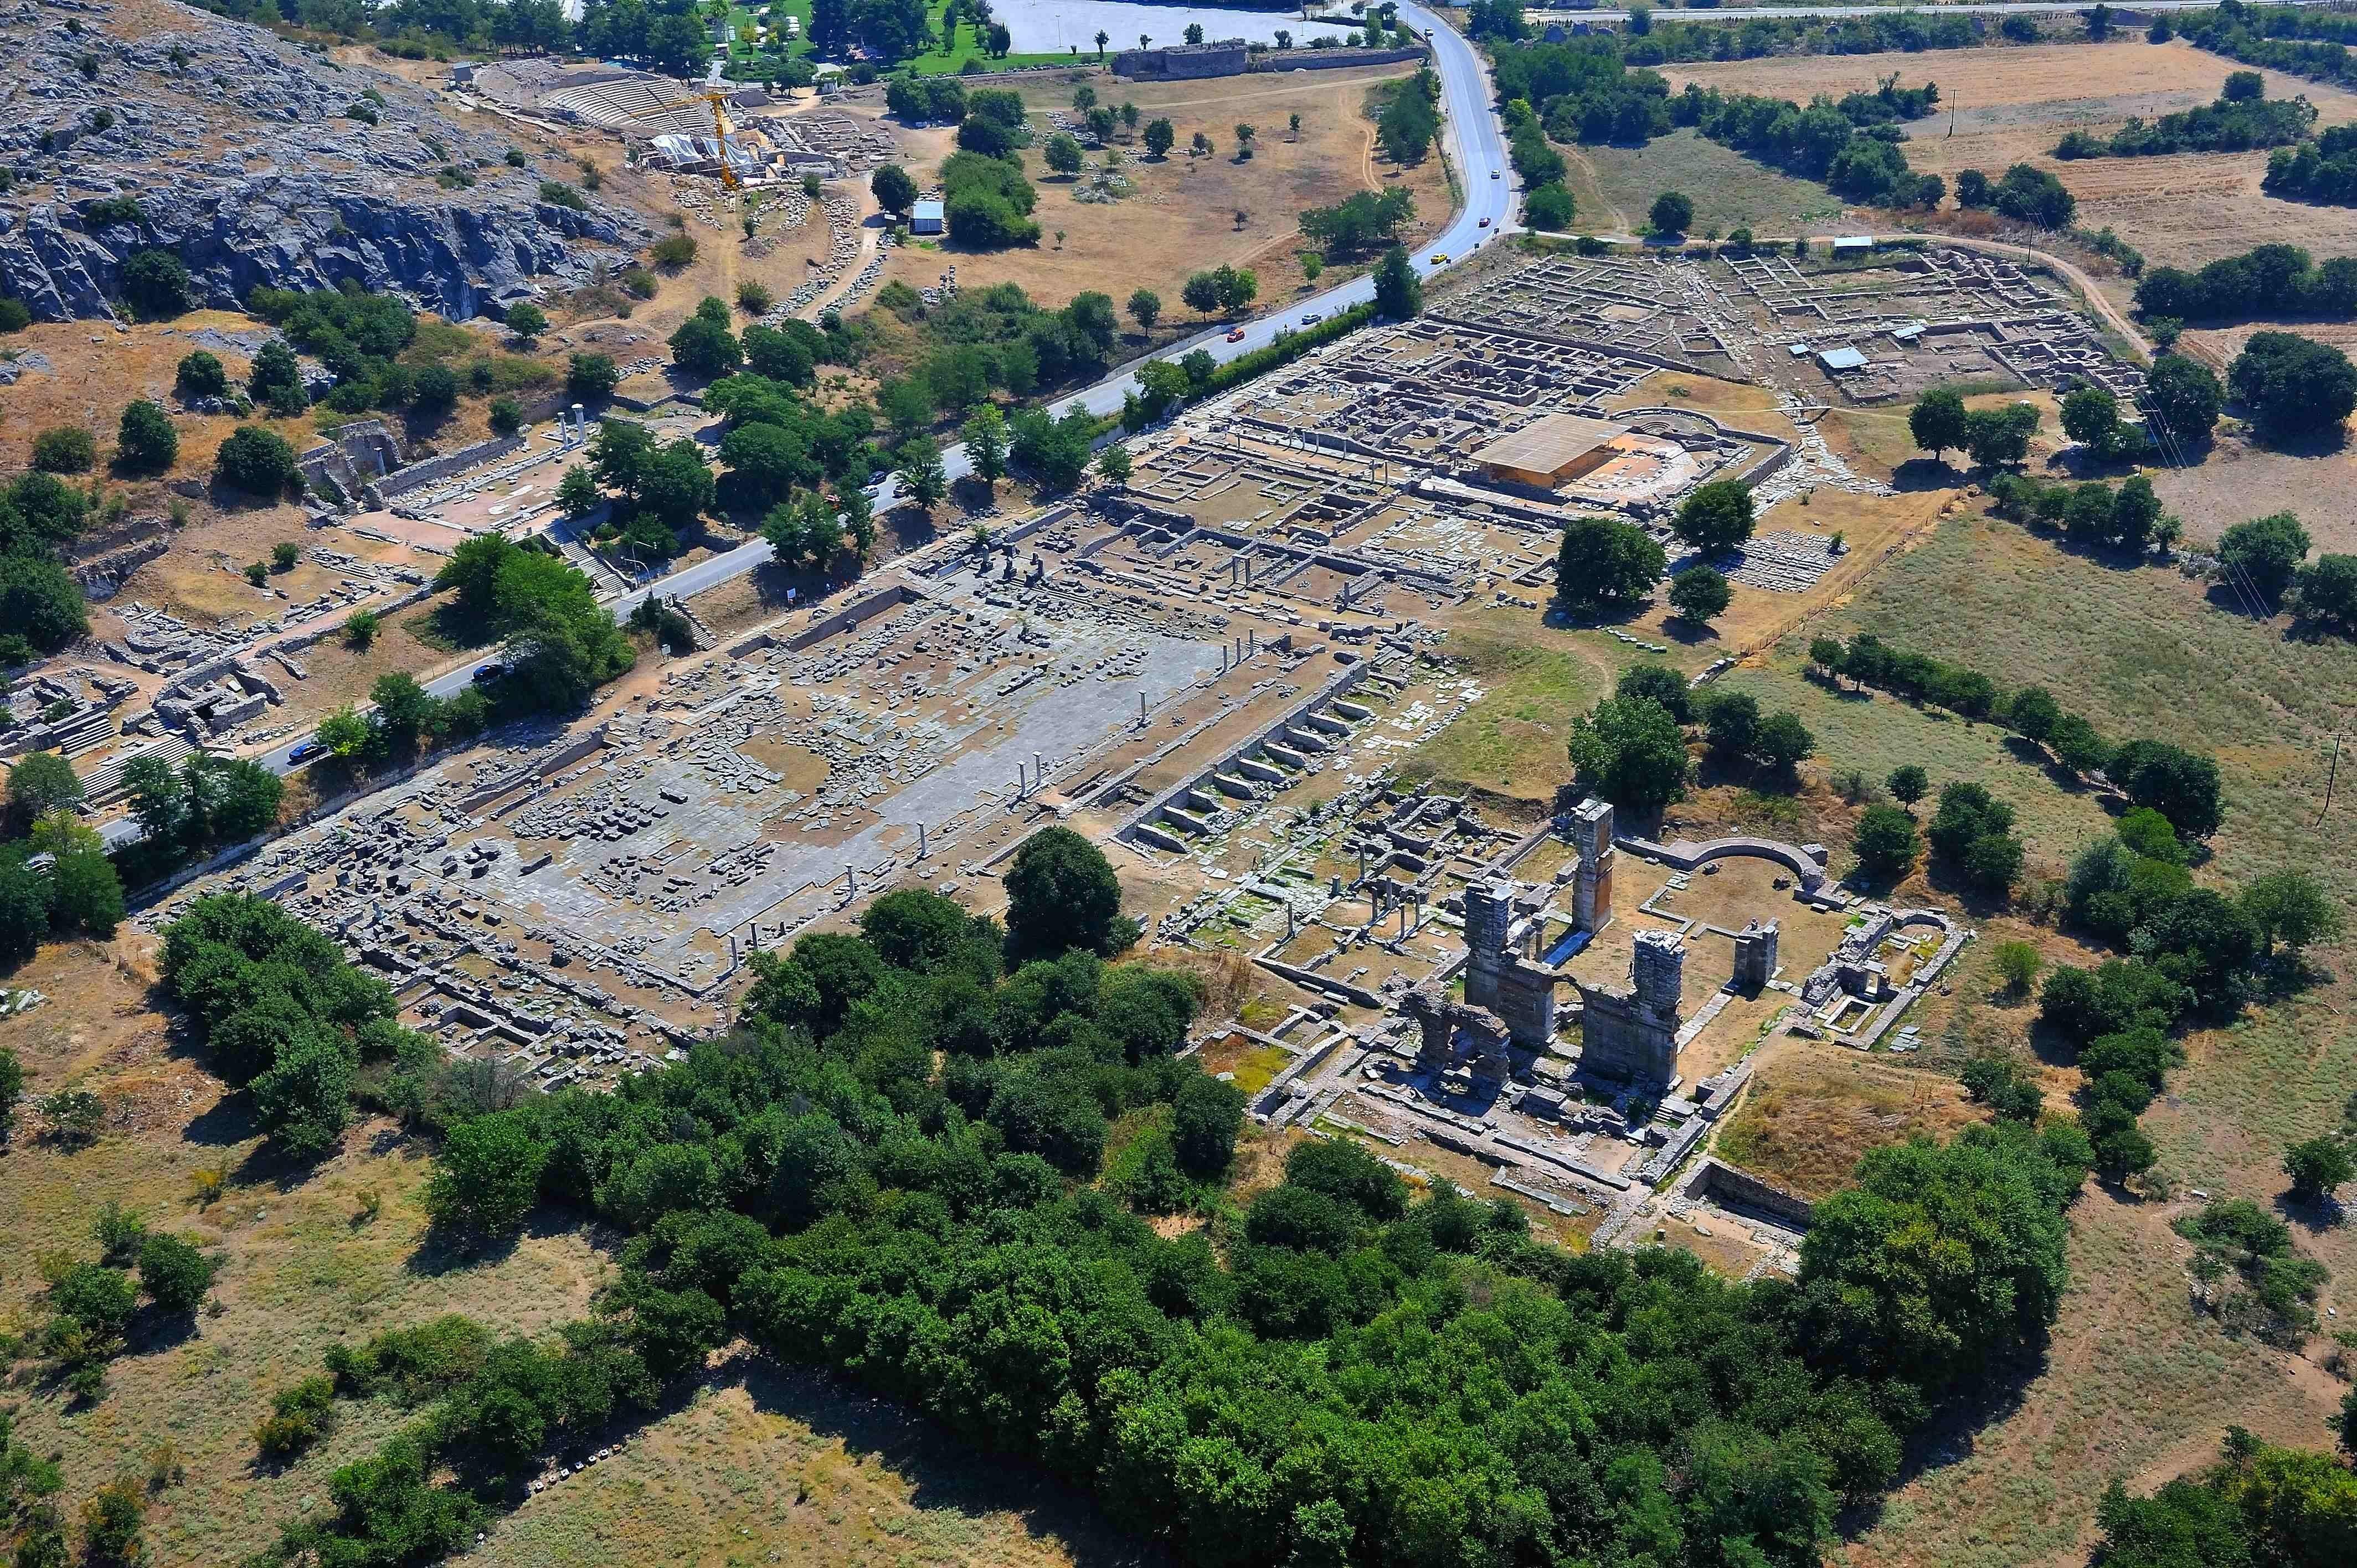 Αναβαθμίζεται ο αρχαιολογικός χώρος των Φιλίππων - θα υλοποιηθεί από την Εφορεία Αρχαιοτήτων Καβάλας -